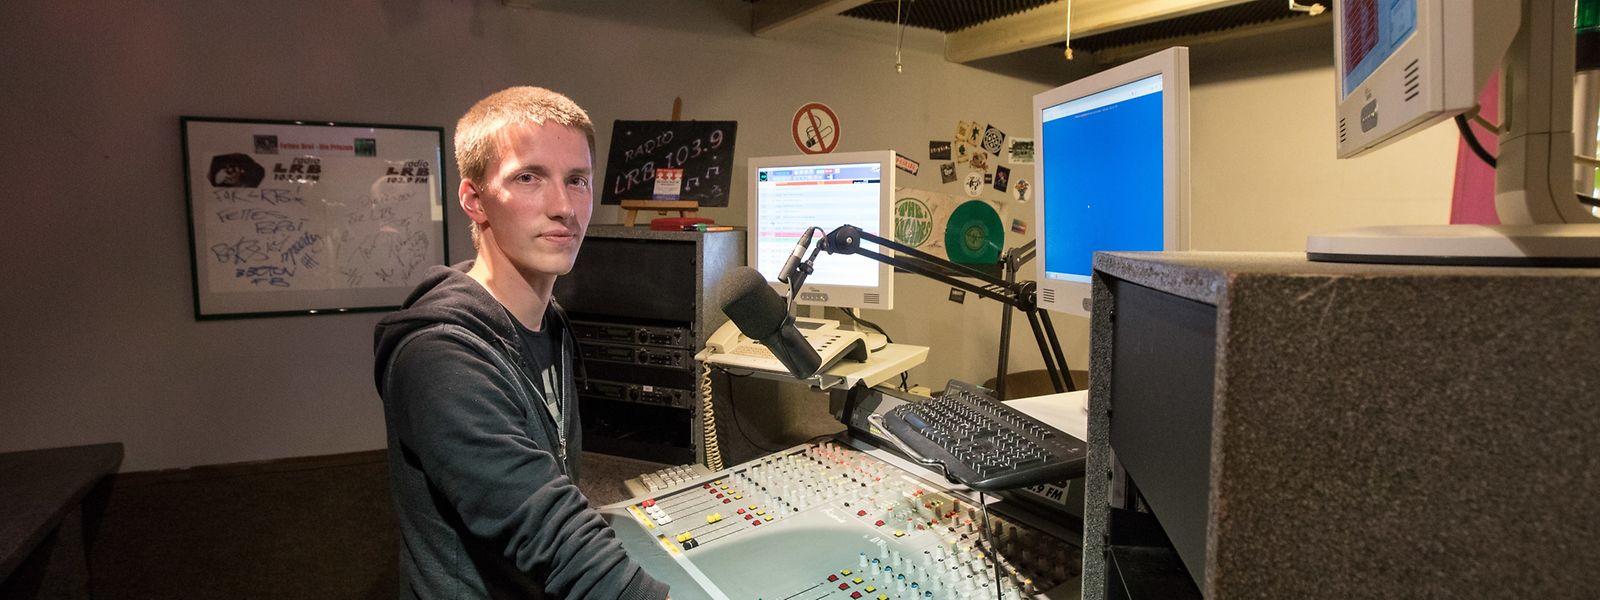 Tom Wasmer ist seit mehr als der Hälfte seines Lebens einer der Moderatoren von Radio LRB.